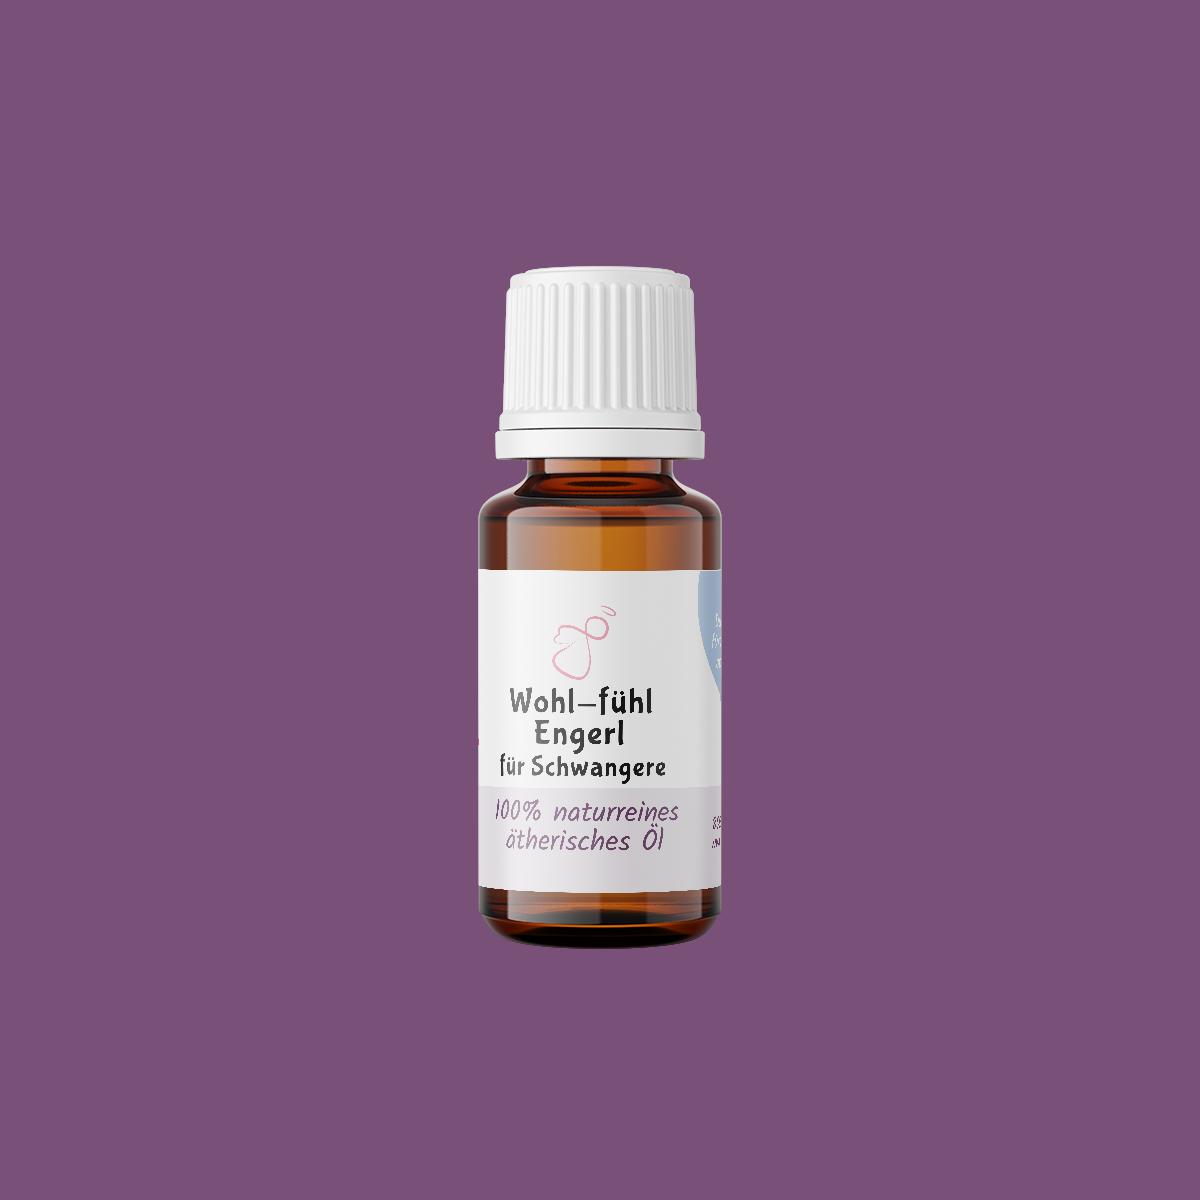 Wohlfühl-Engerl für Schwangere Aromaanwendung Öl